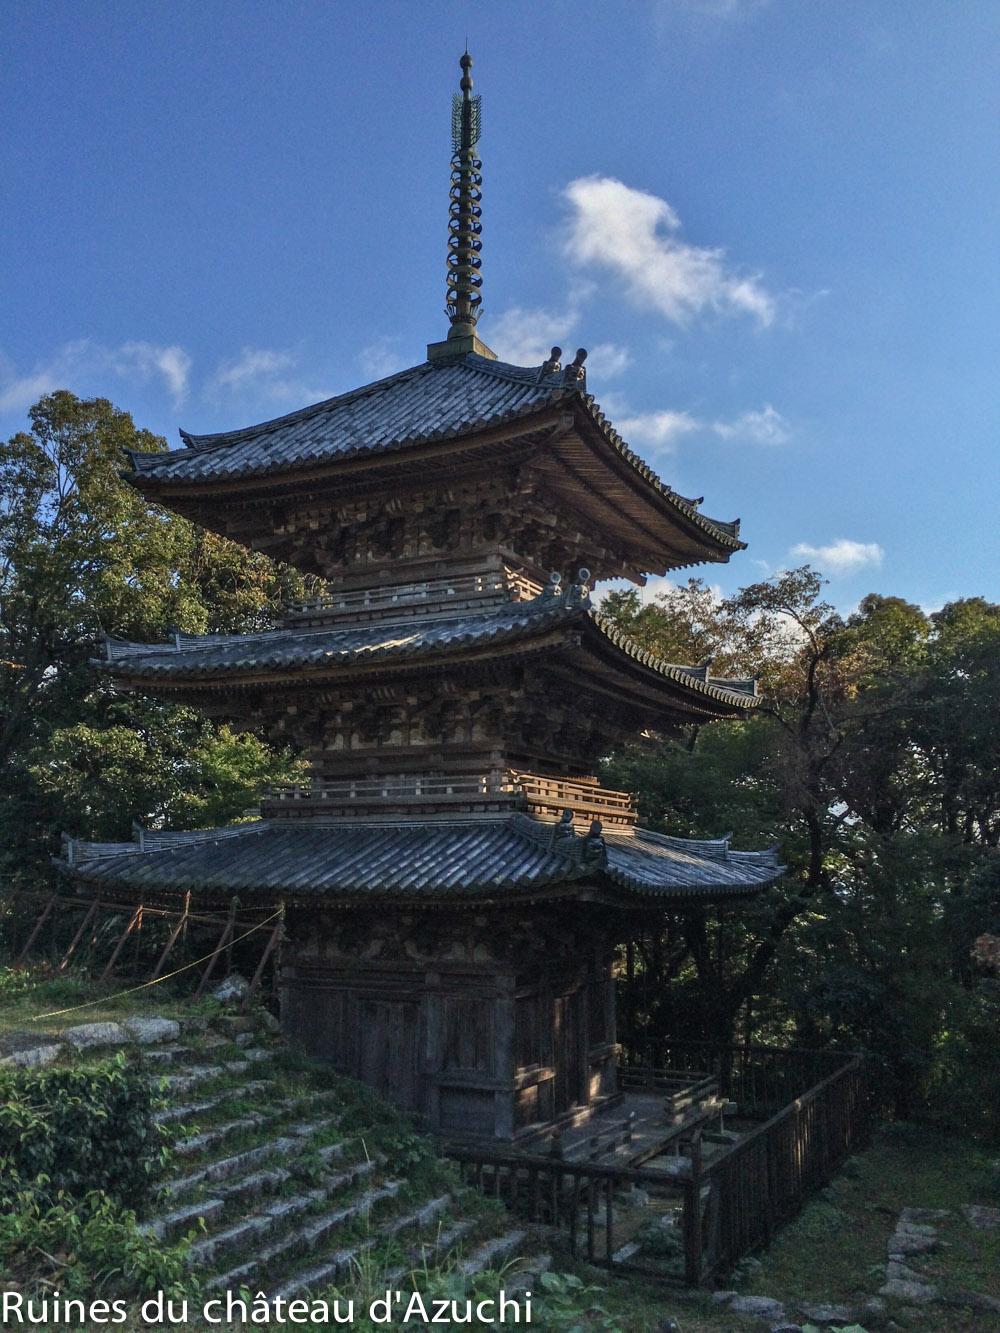 ruines_azuchi-bds-japon-19